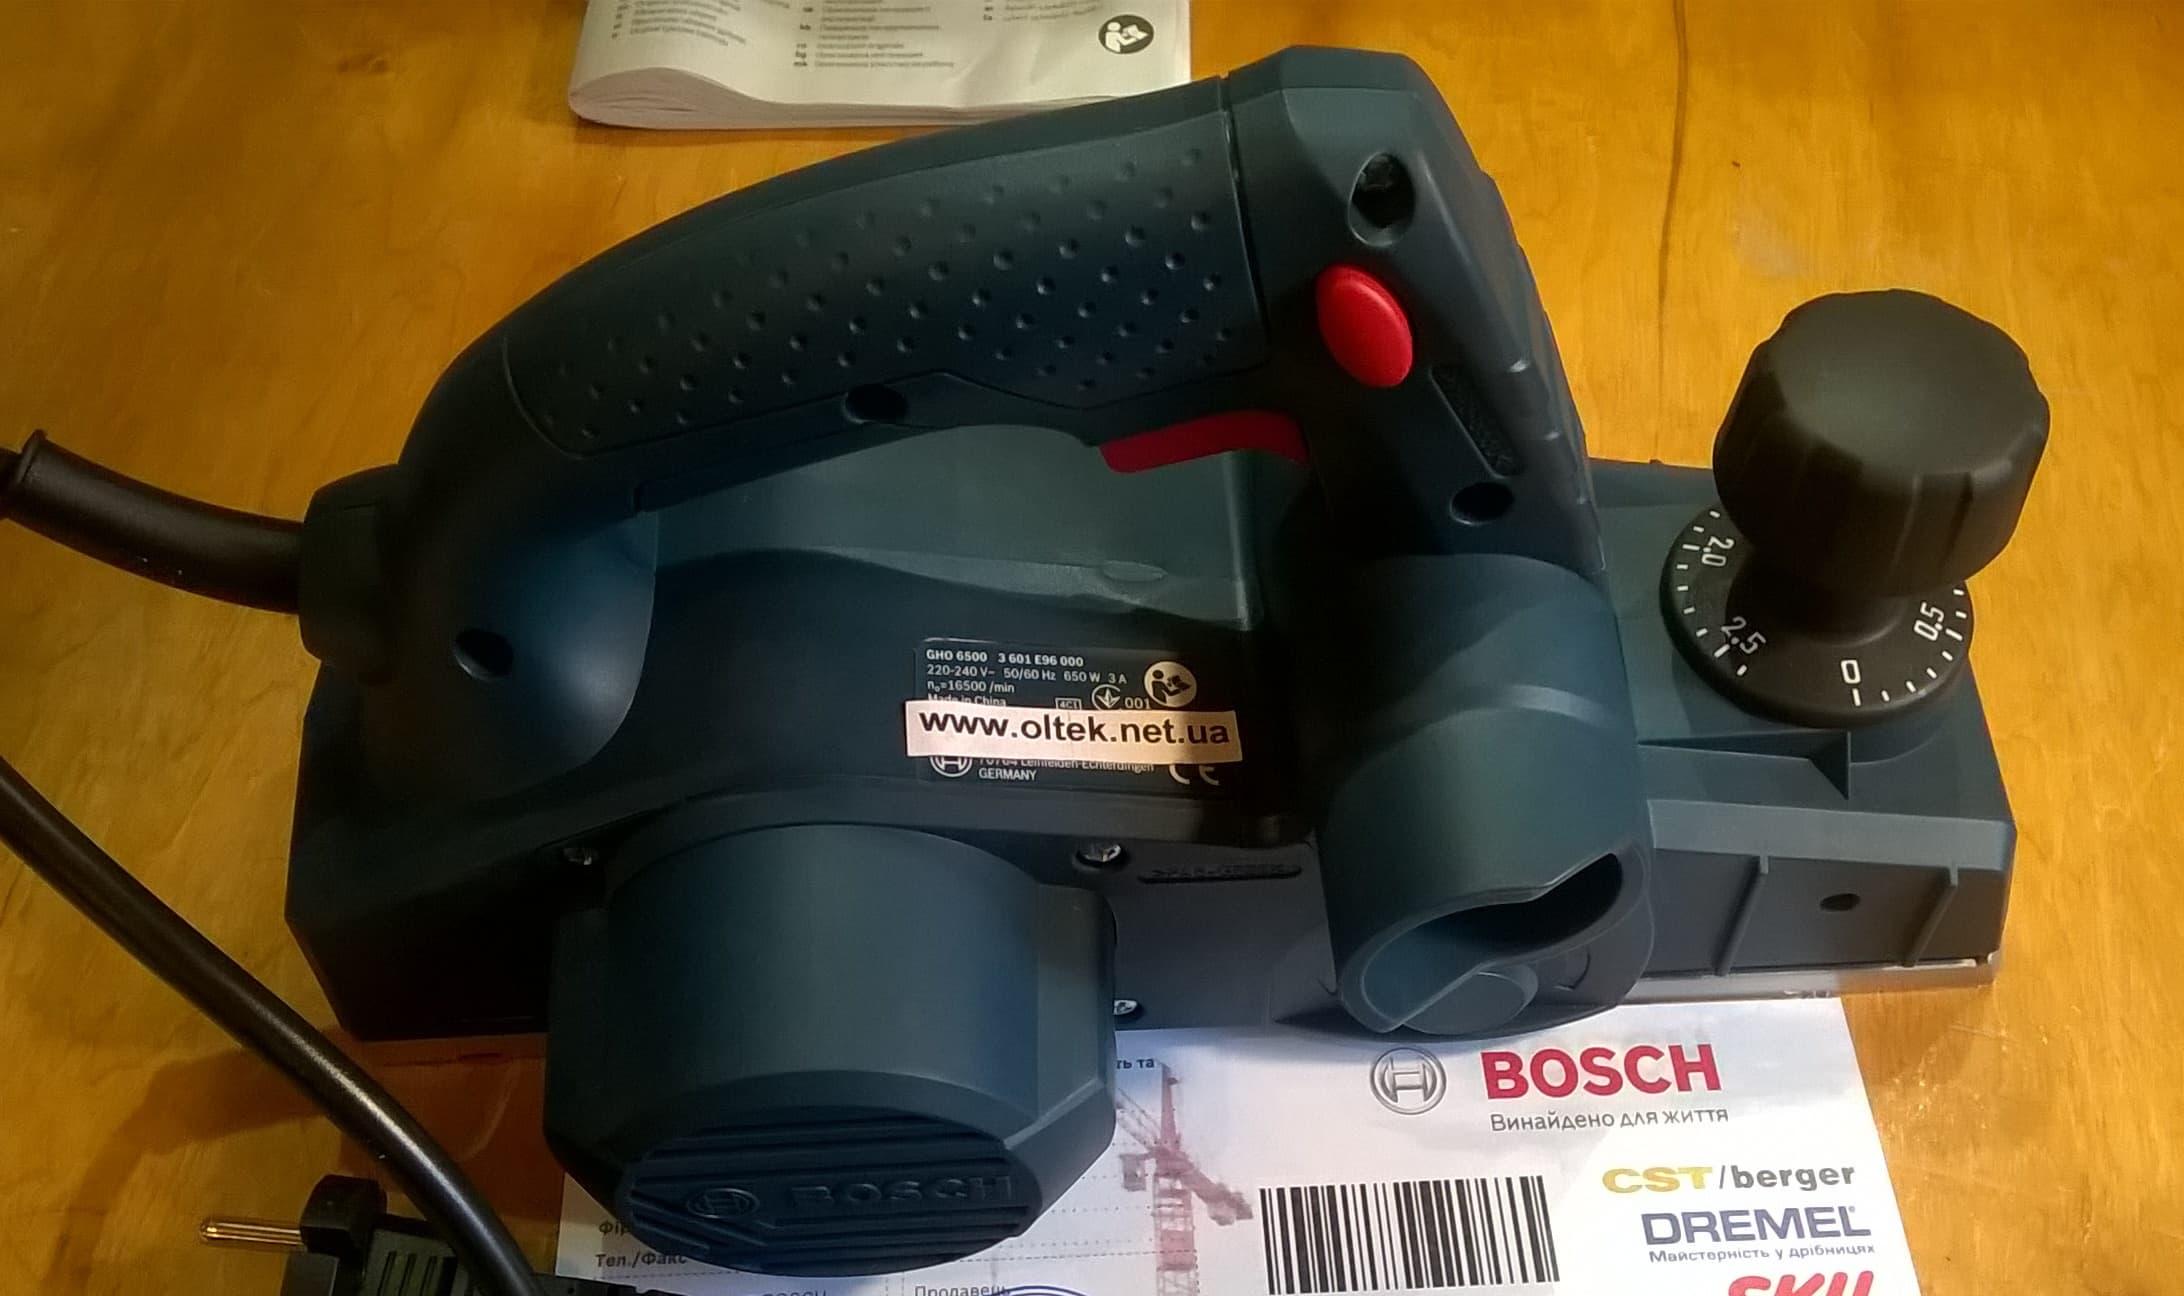 bosch-gho-6500-oltek-net-ua